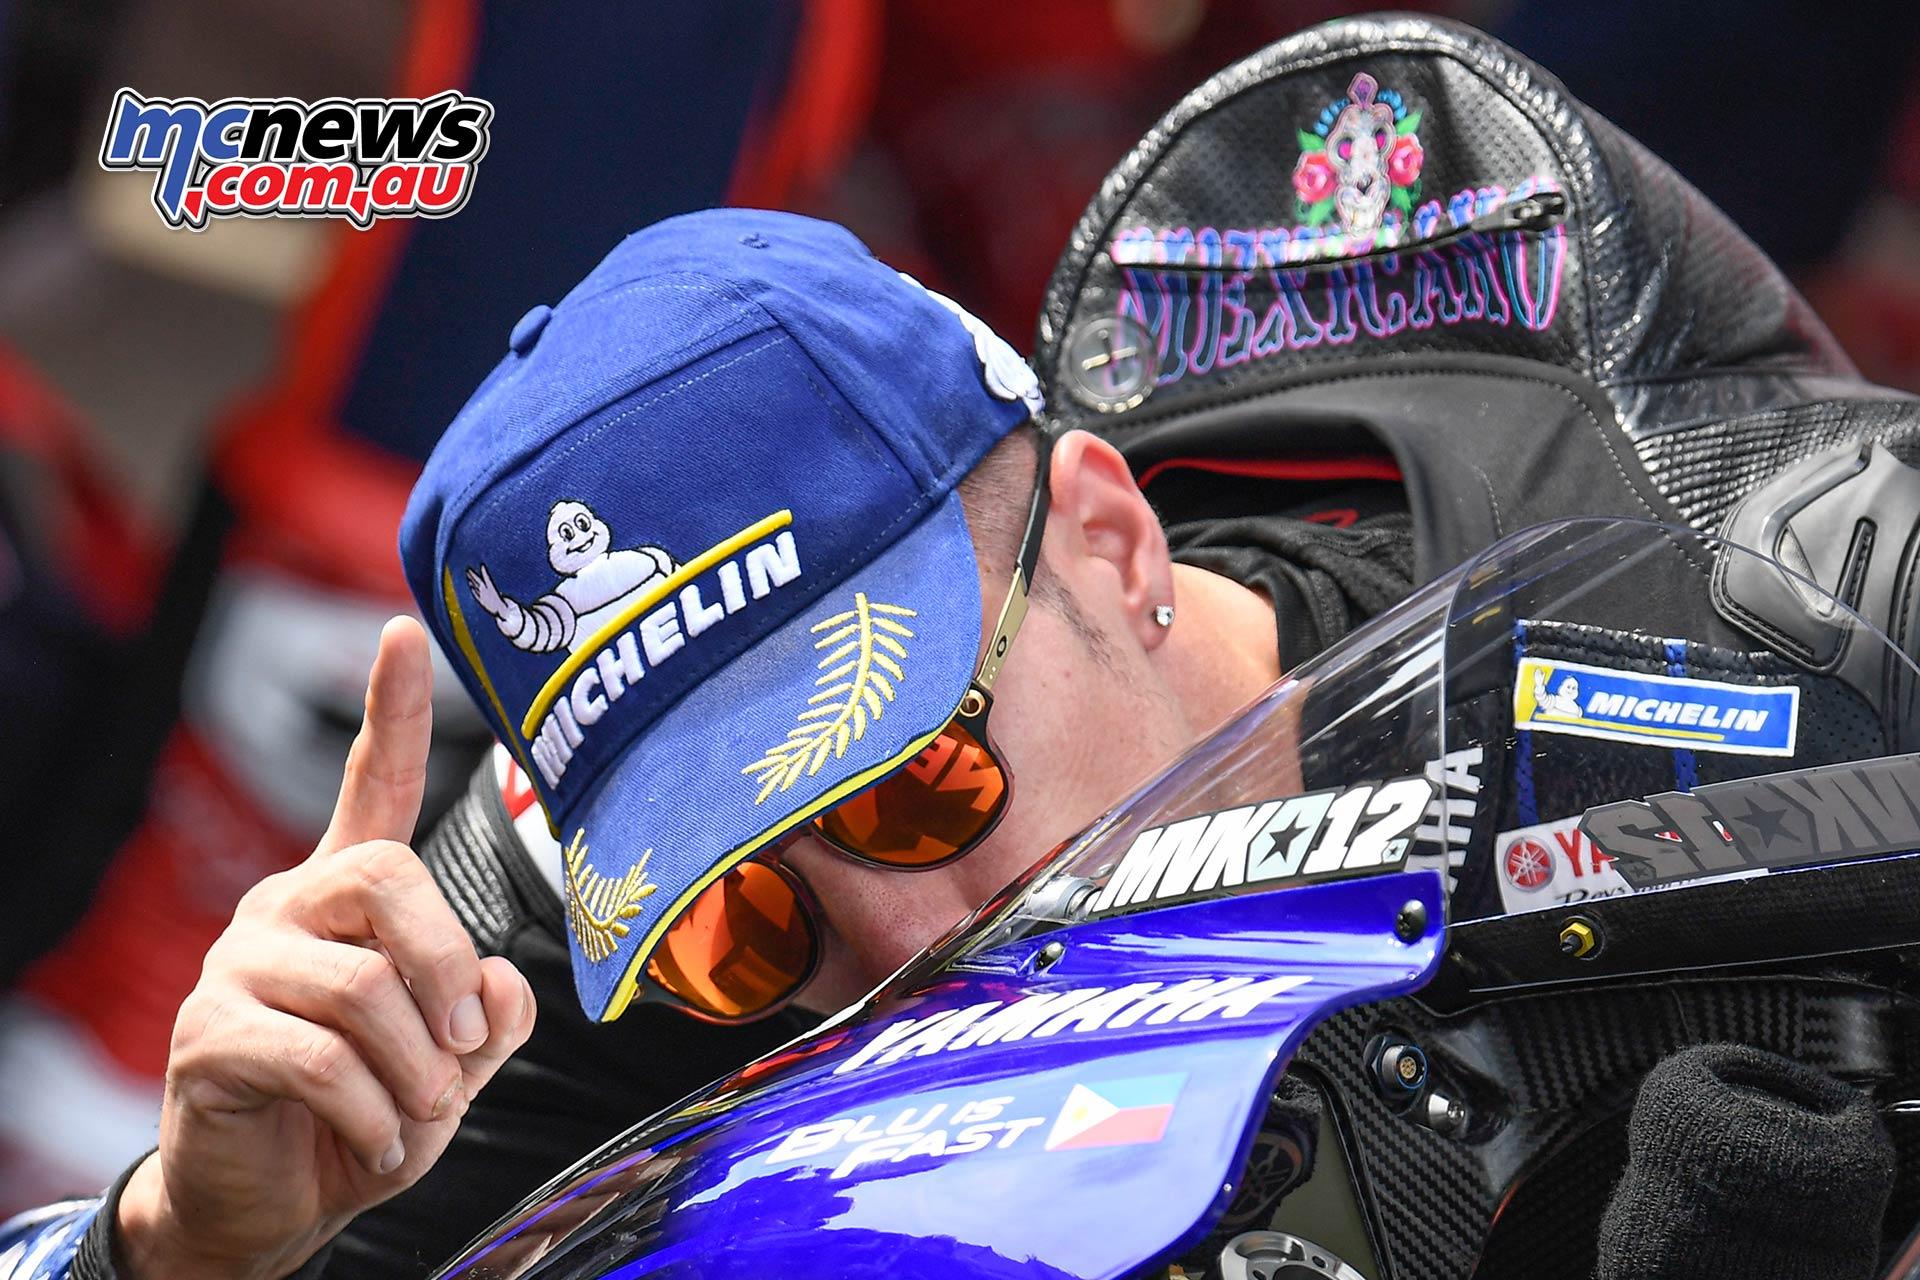 MotoGP Rnd Malaysia Vinales ap